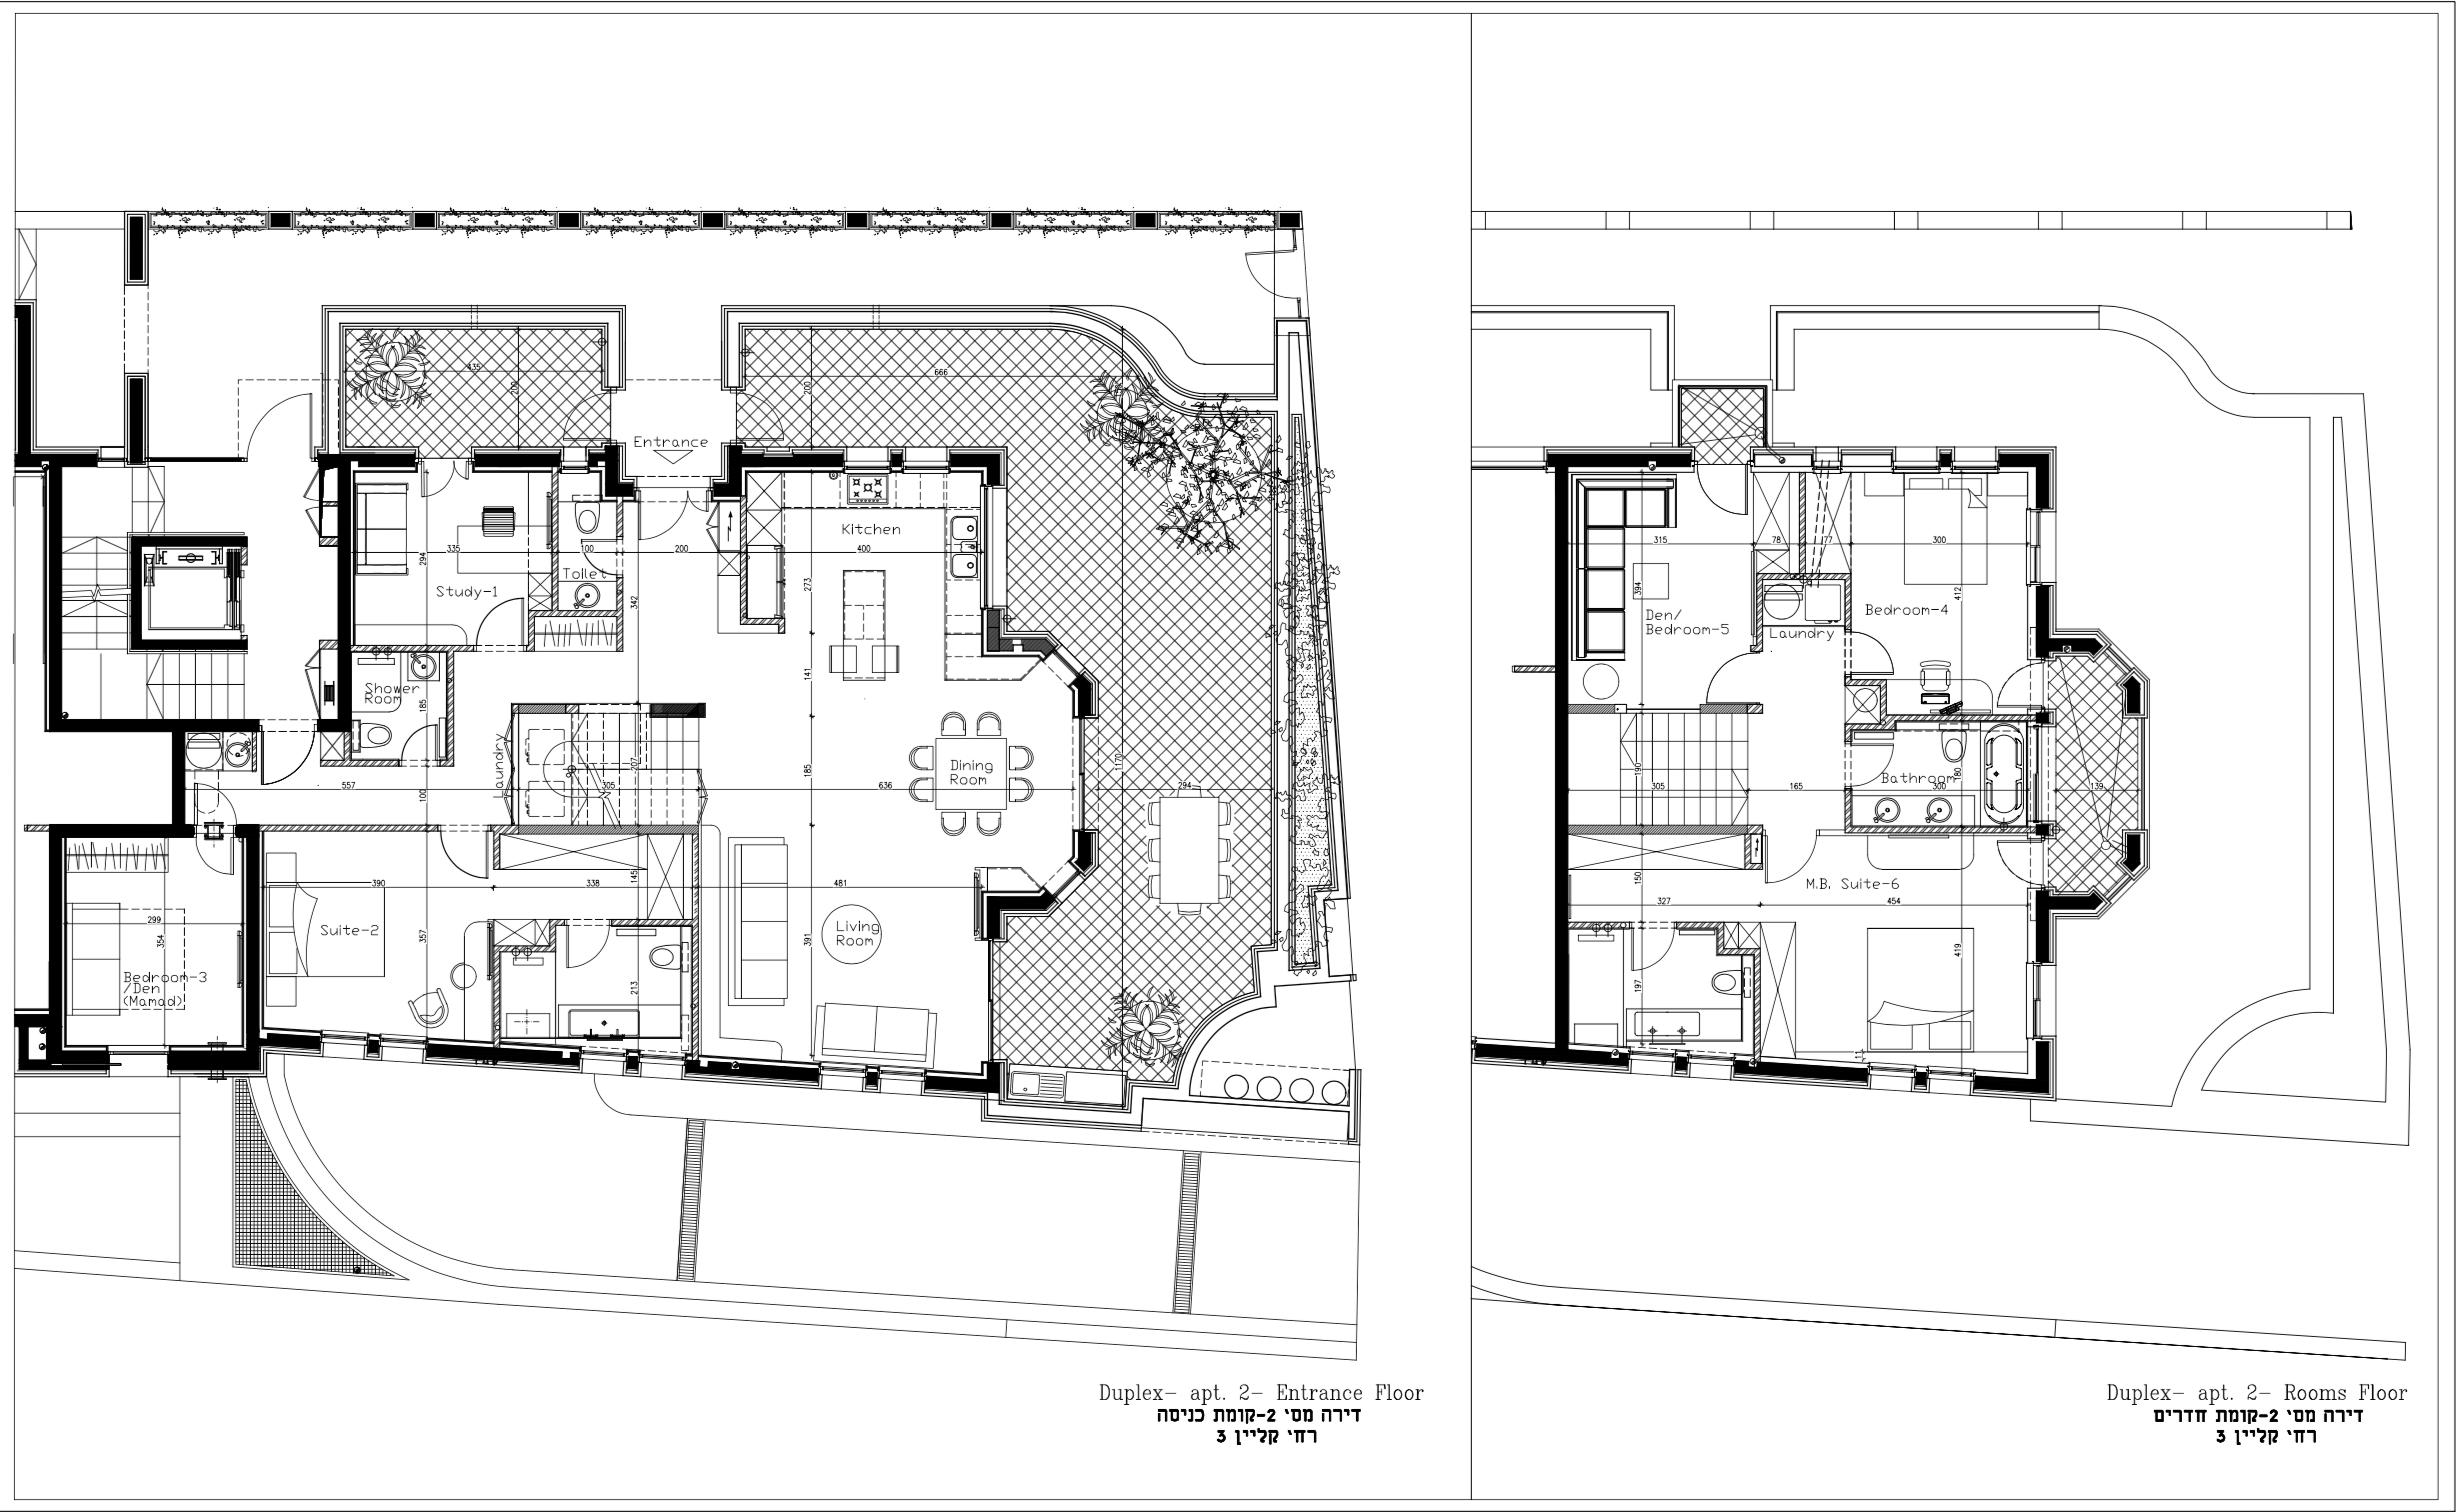 Floor Plan Duplex